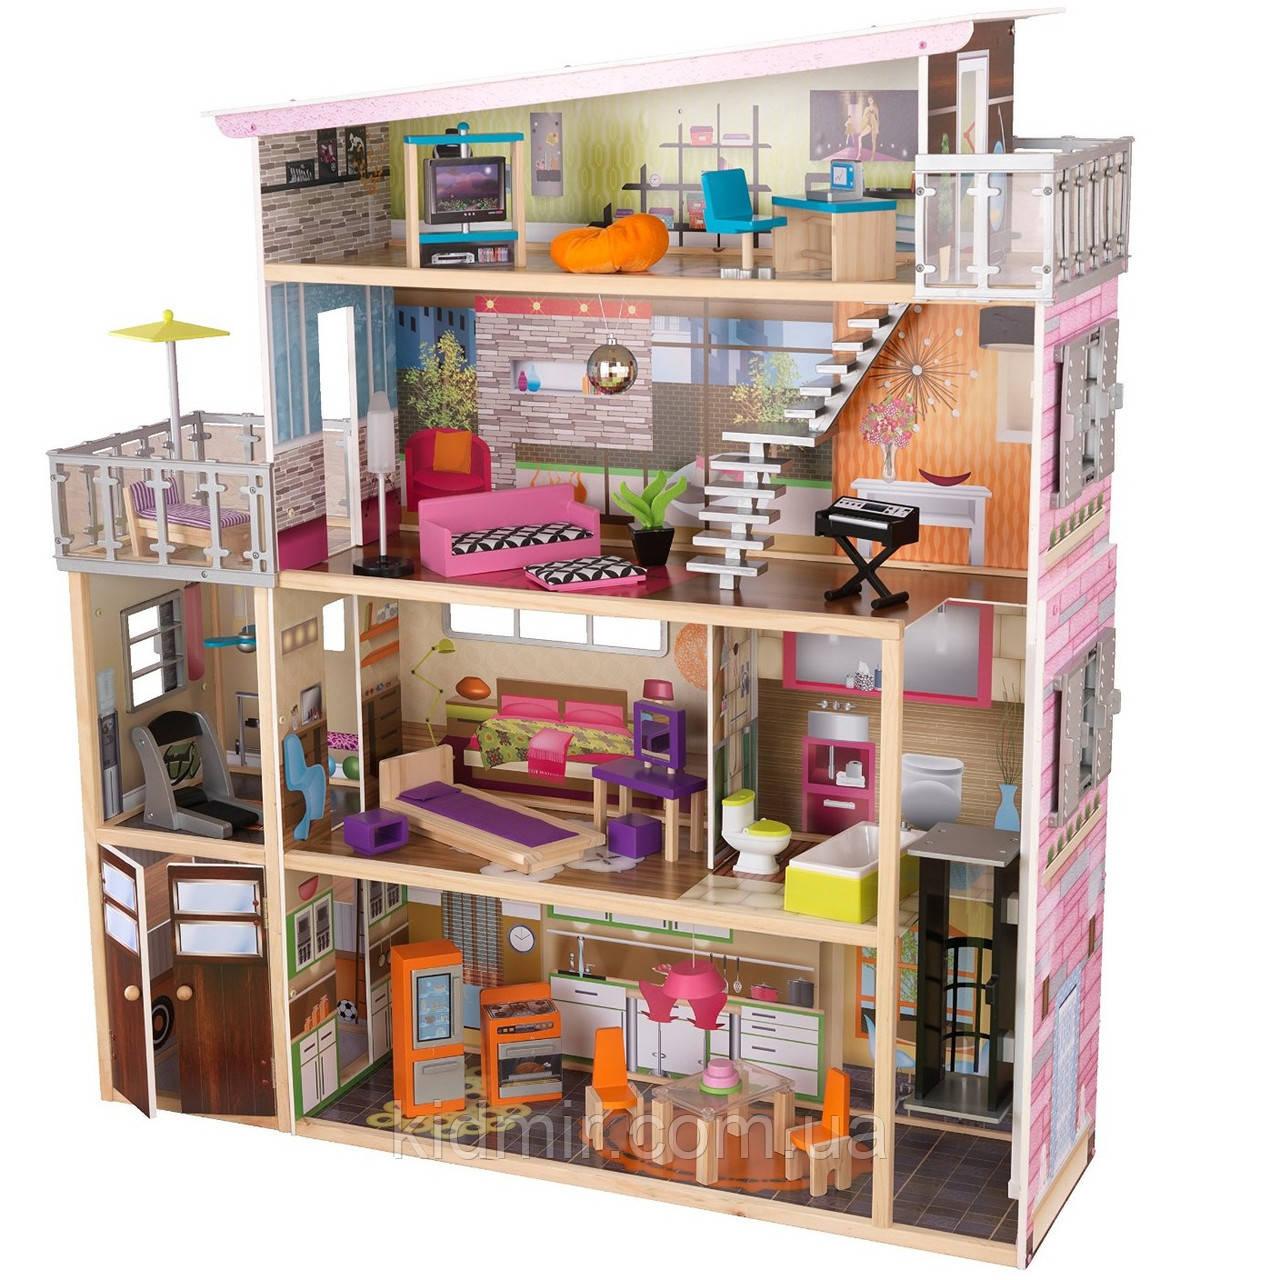 Ляльковий будинок з меблями Сохо KidKraft Soho 65277